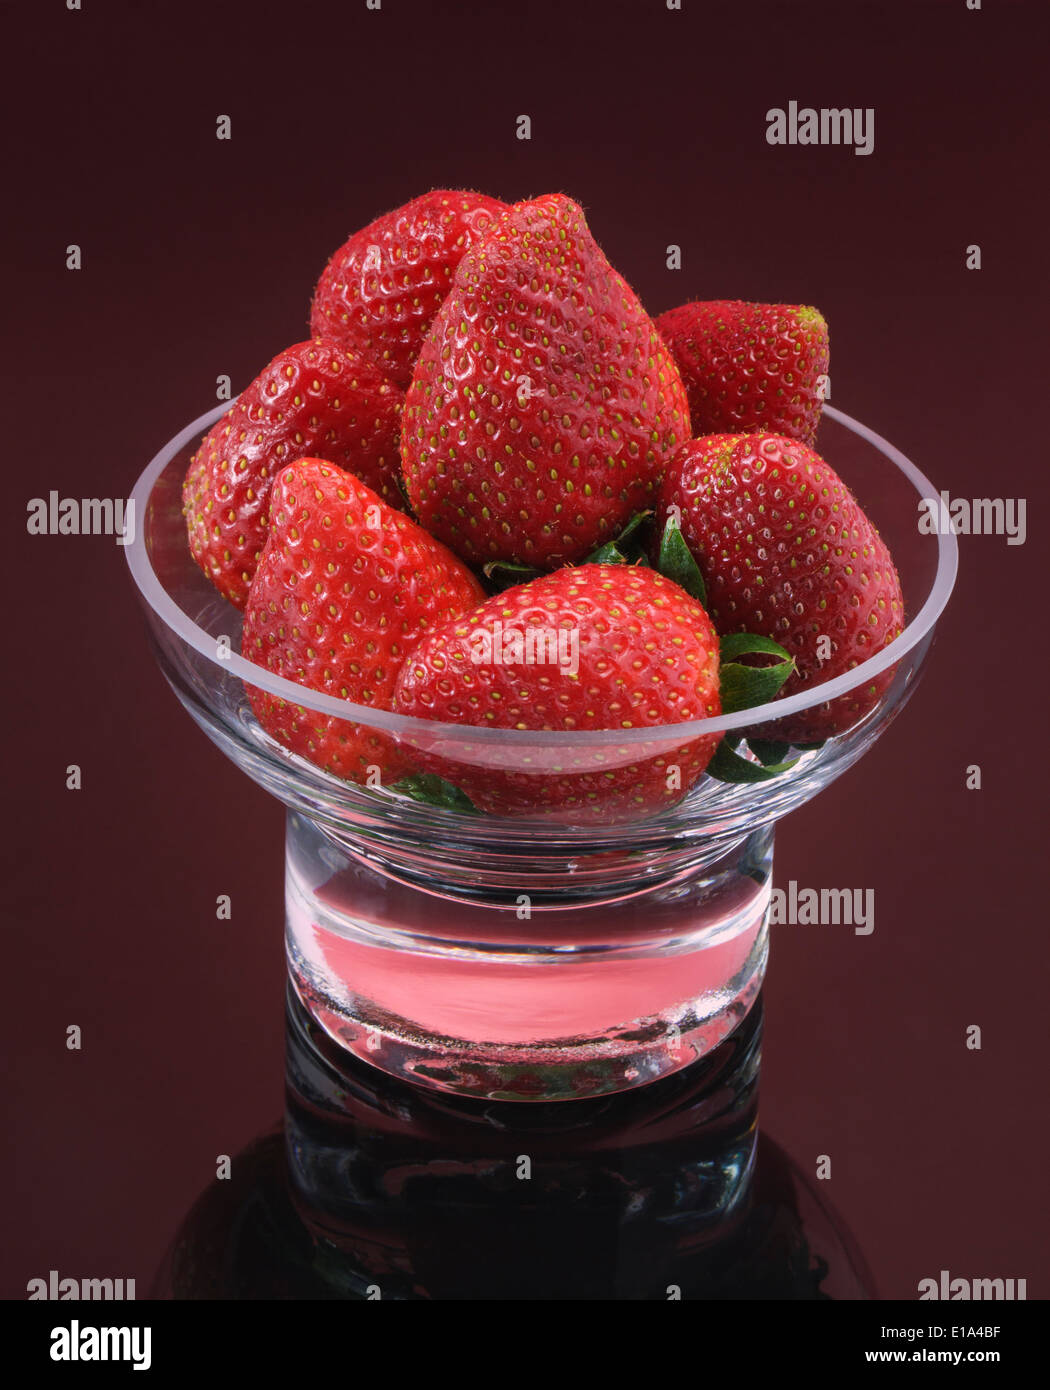 Fraises fraîches dans un plat en verre Photo Stock